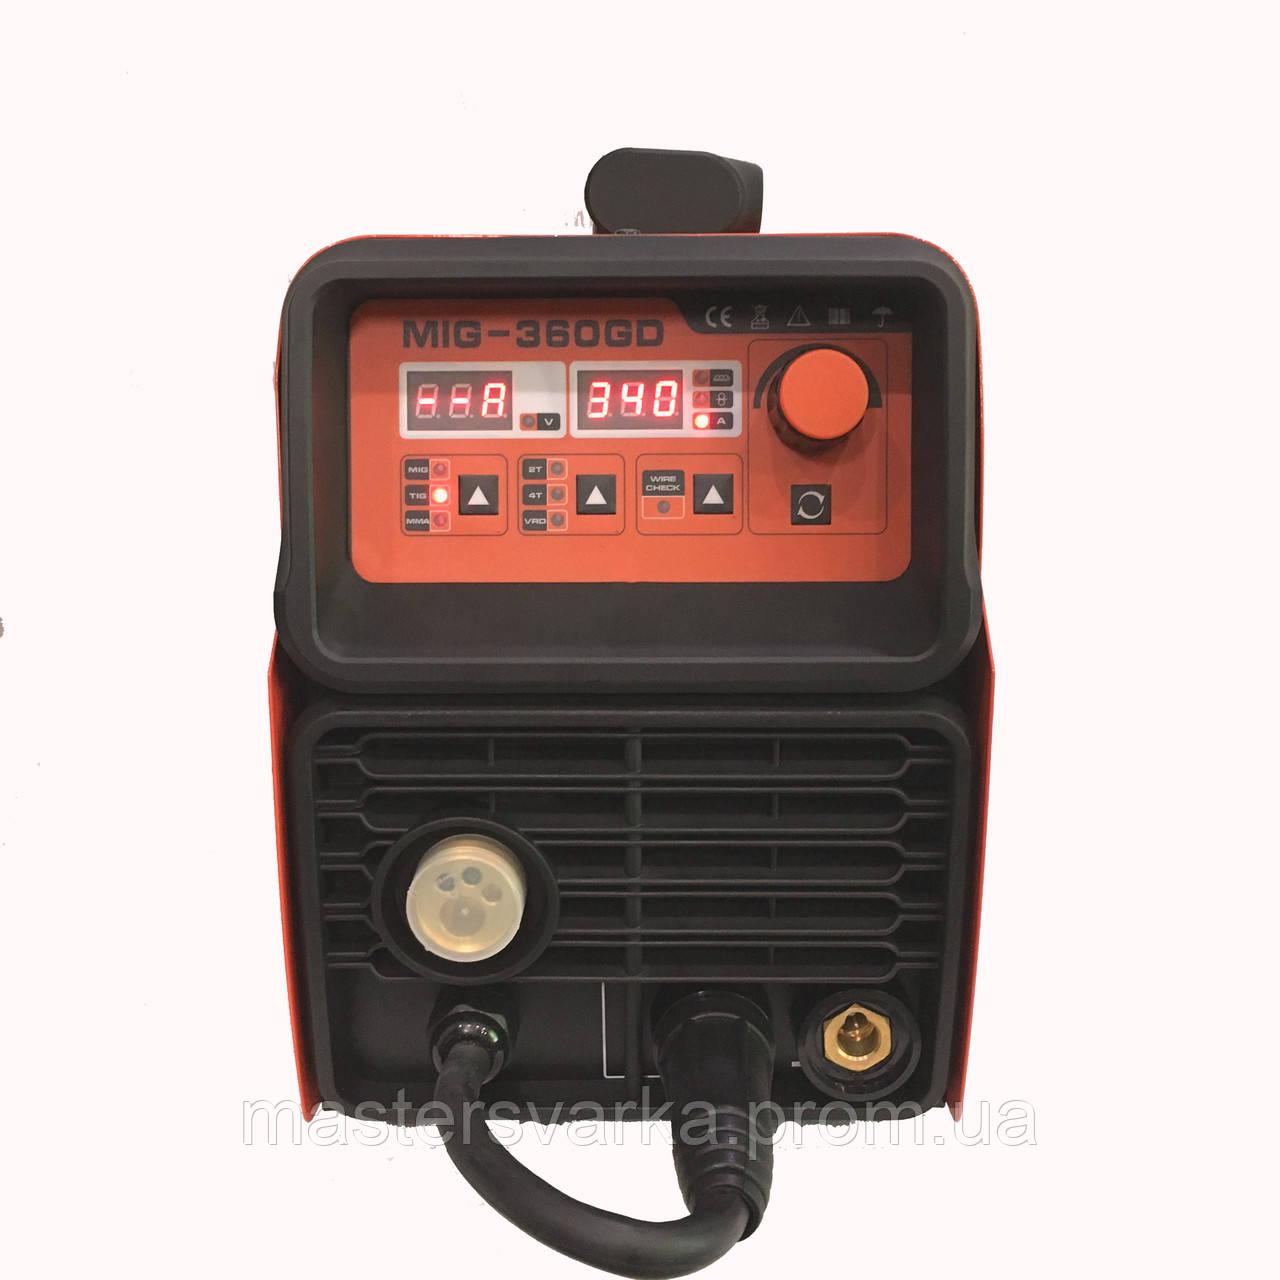 Полуавтоматы сварочные углекислотные цена грн играть в игровые автоматы кекс онлайн бесплатно без регистрации